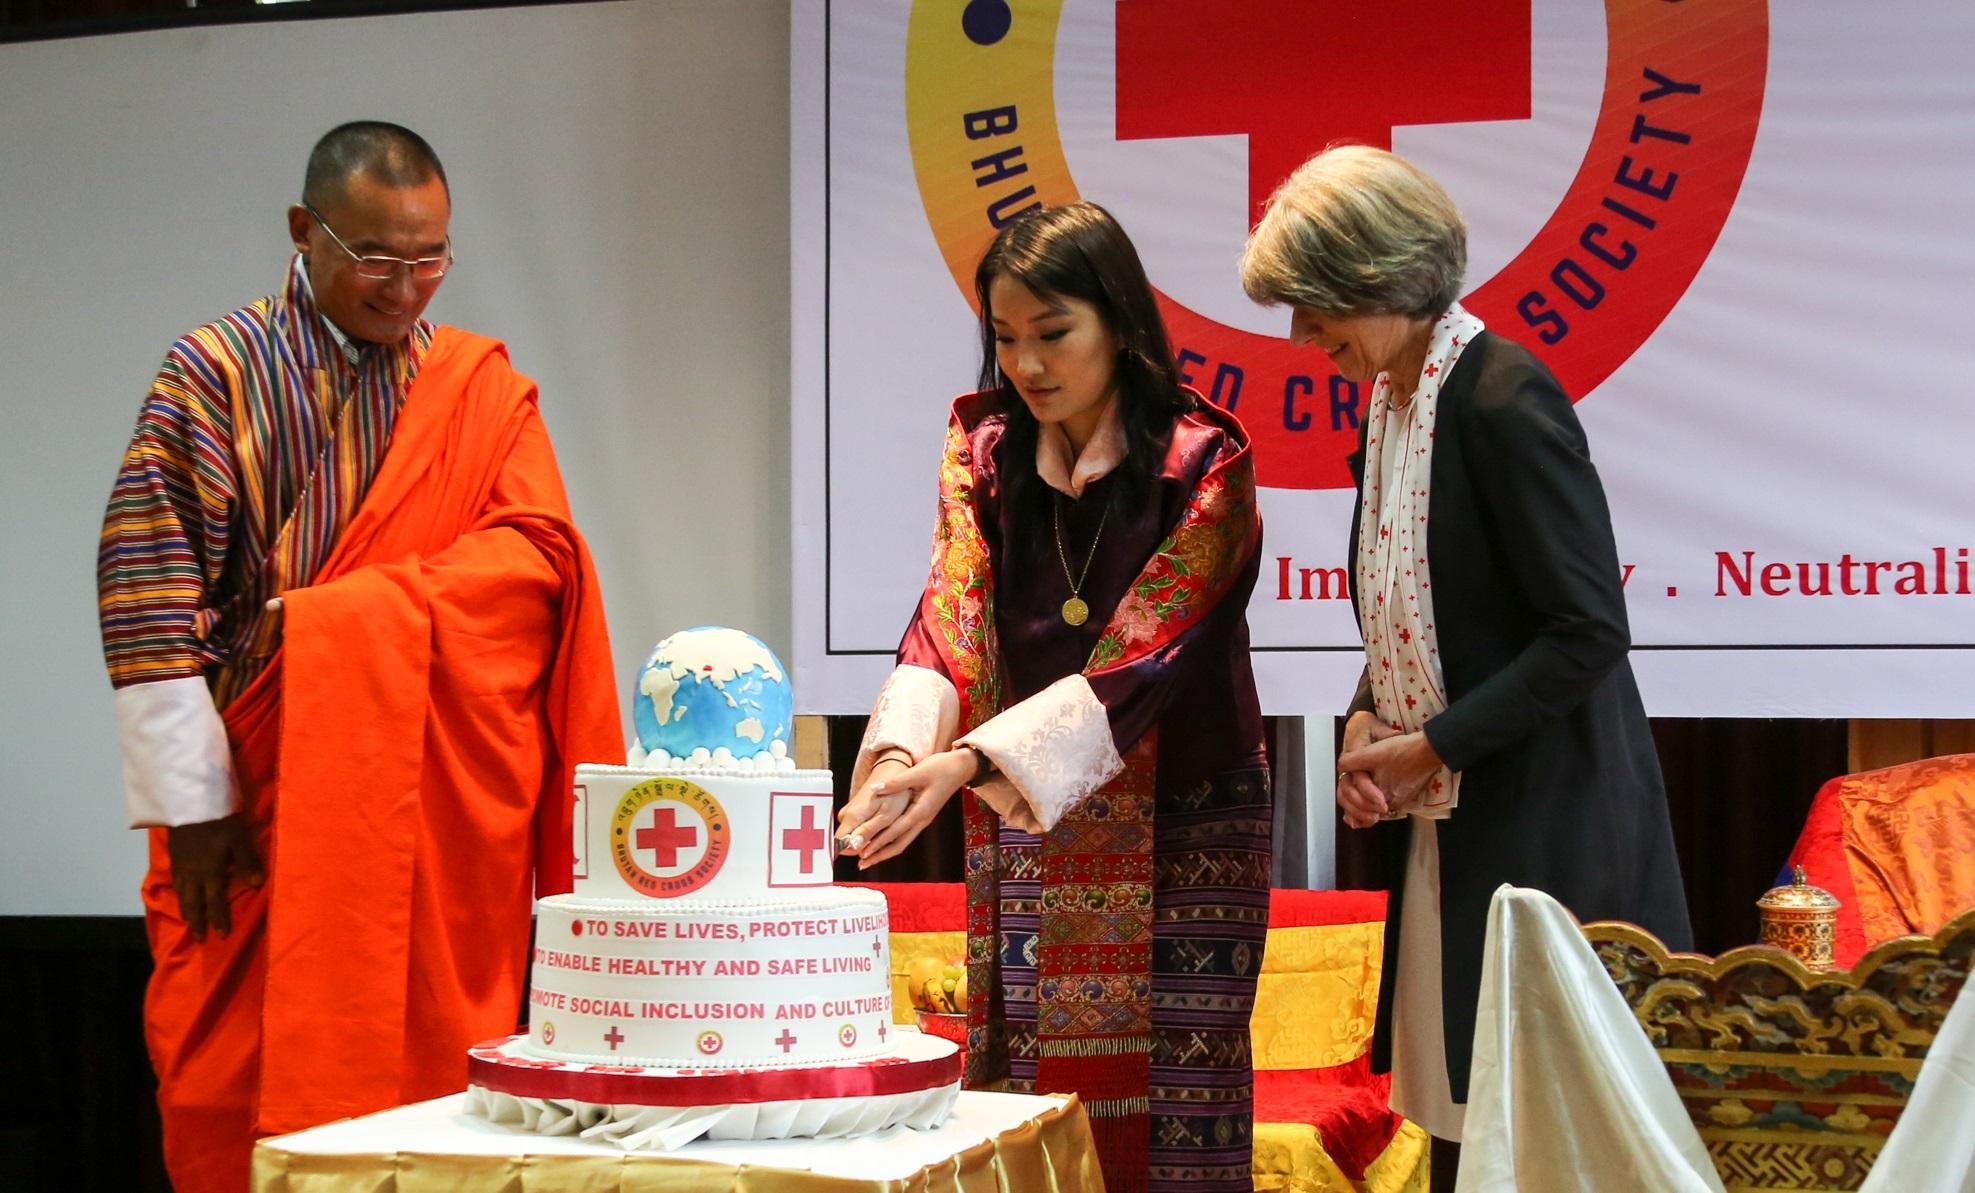 Die kürzlich verstorbene ehemalige SRK-Präsidentin Annemarie Huber-Hotz bei der Gründungszeremonie des Roten Kreuzes in Bhutan. © Bhutanisches Rotes Kreuz